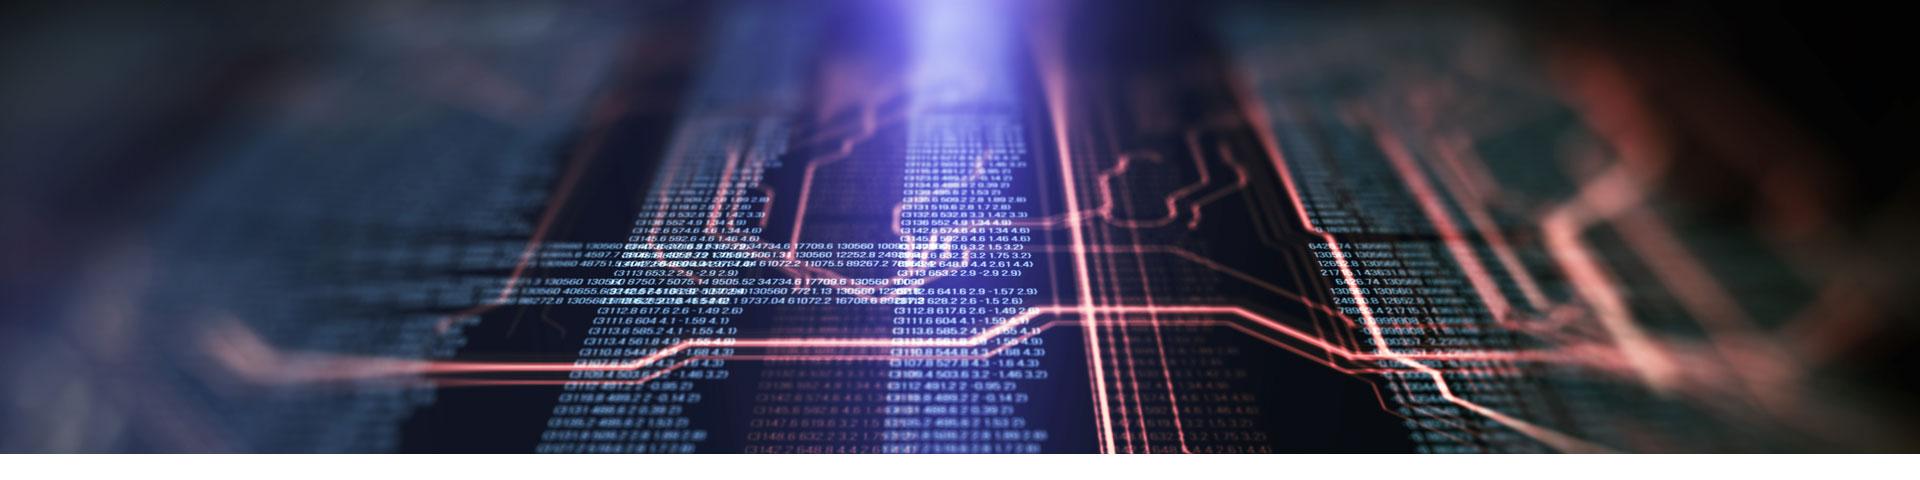 promwad AI & FPGA